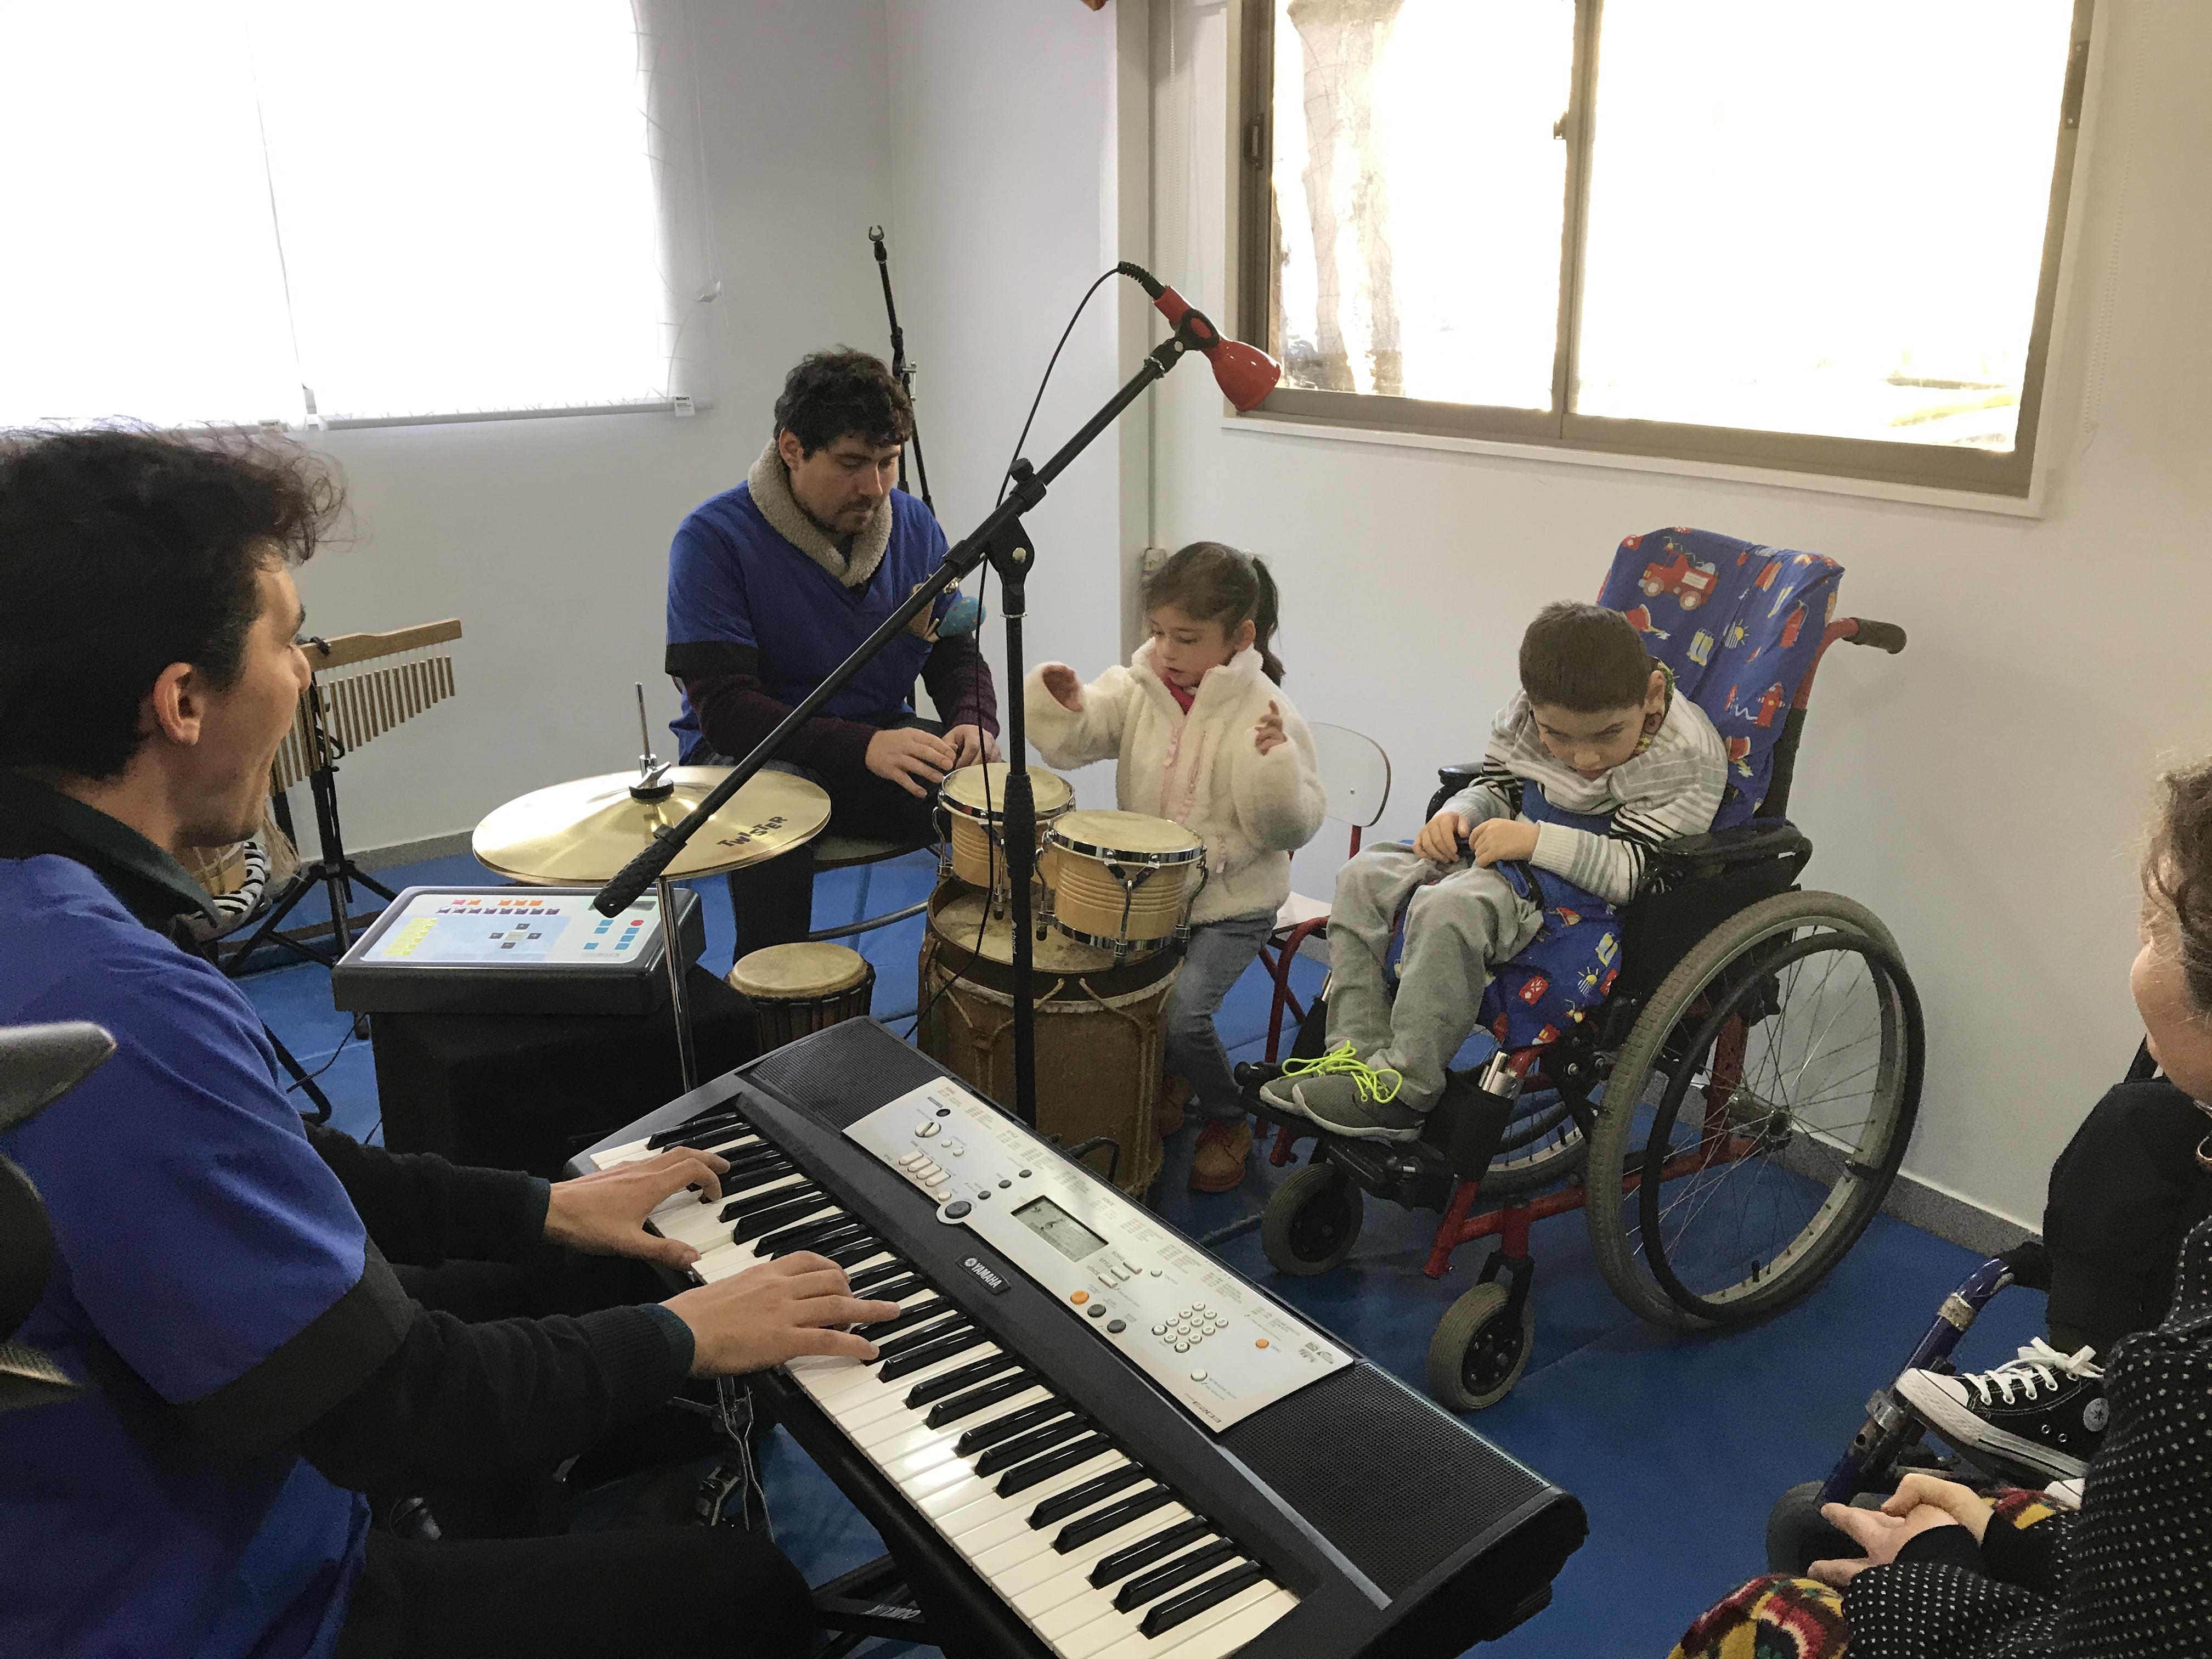 Musicoterapia y sus efectos positivos en niños con discapacidades múltiples